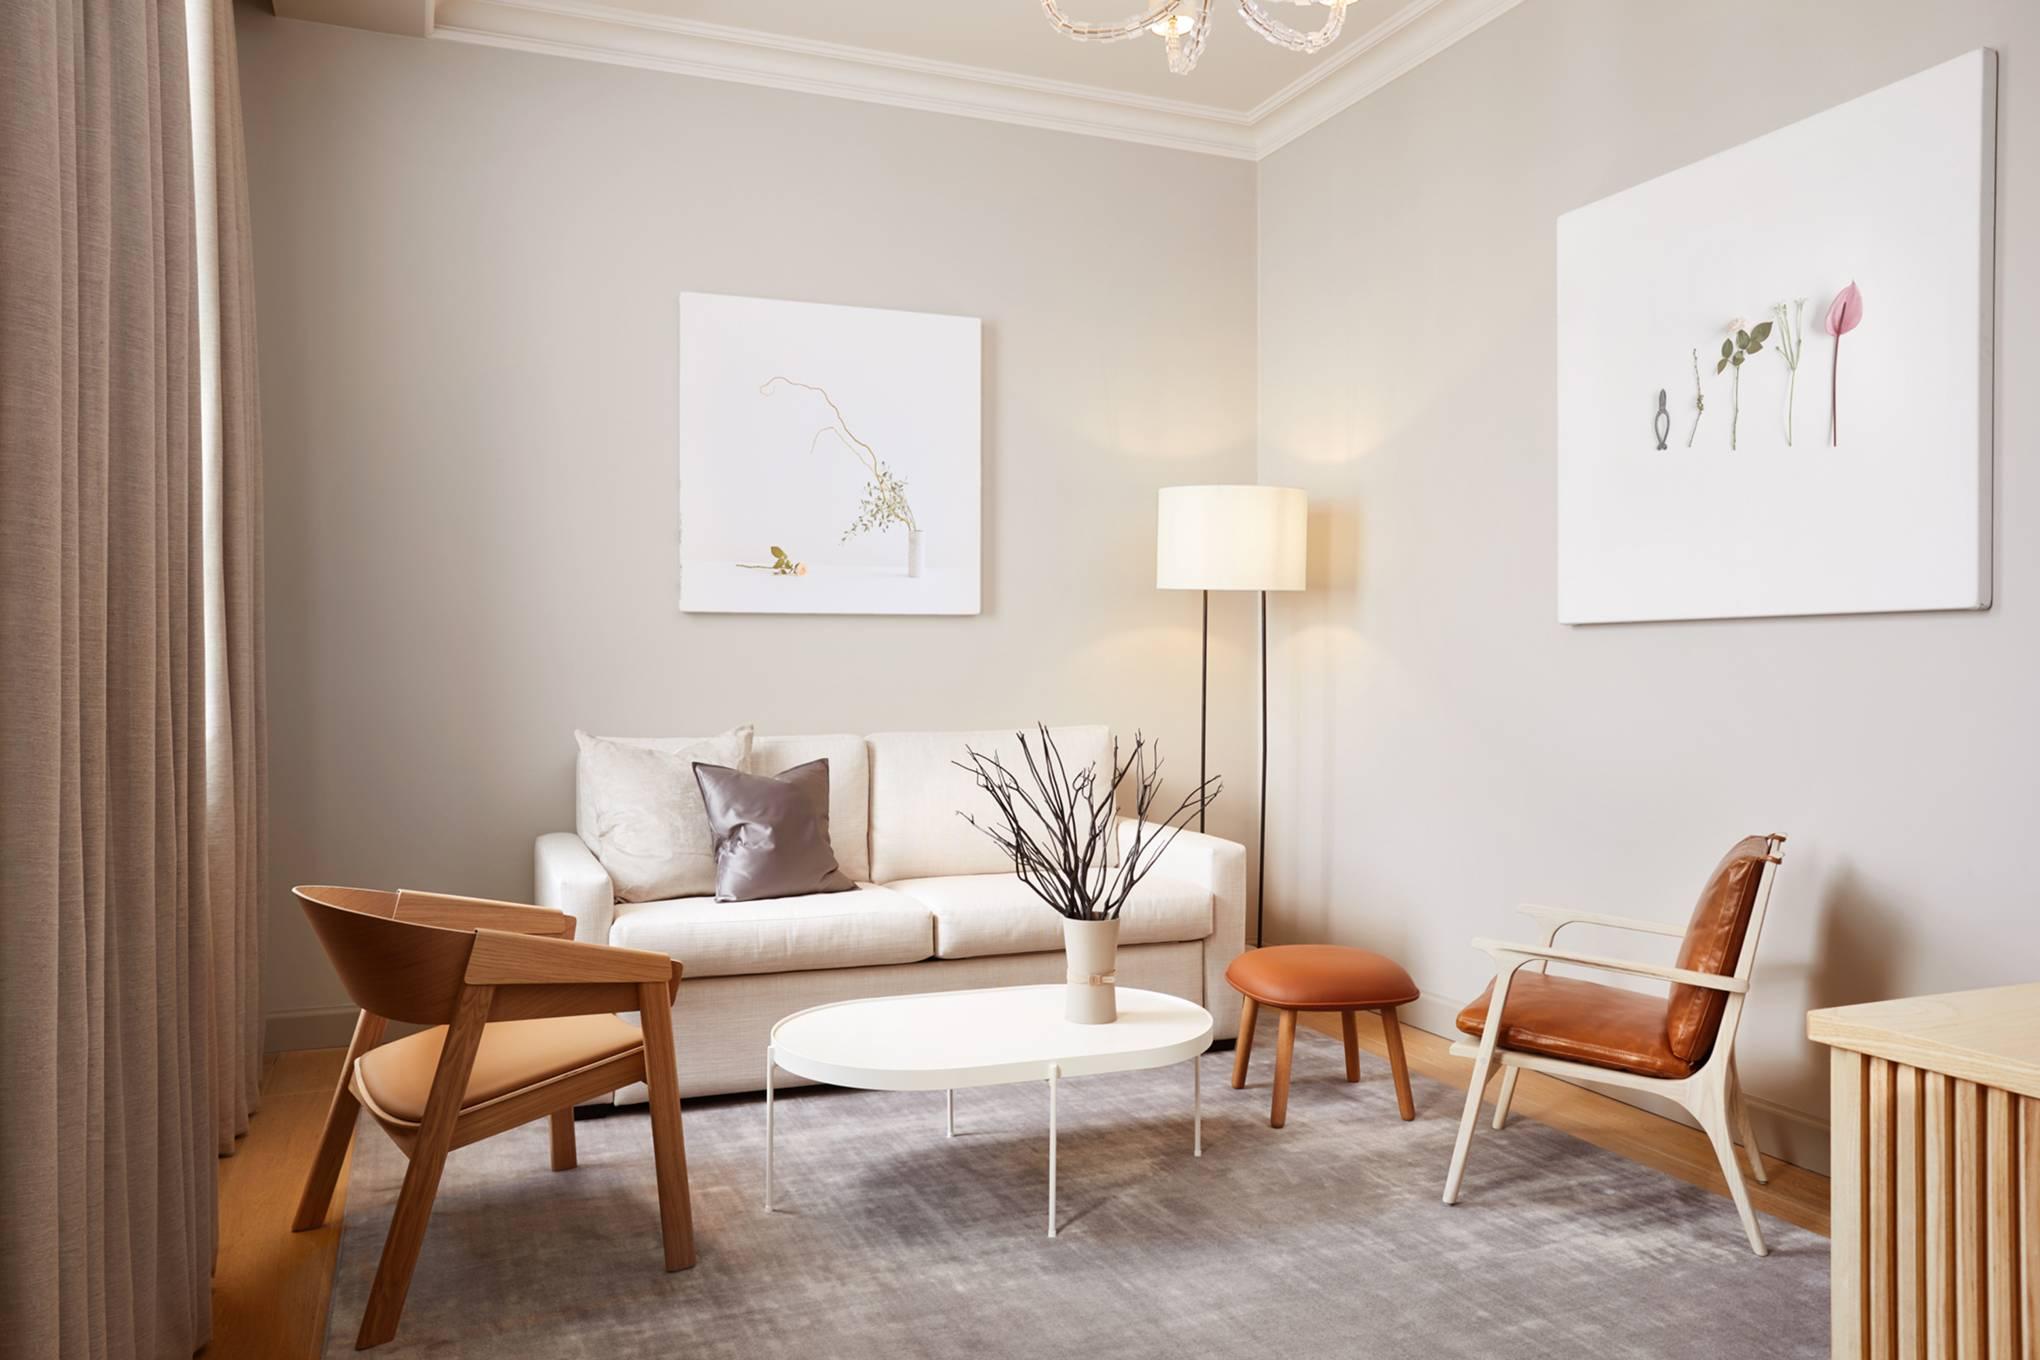 The Prince Akatoki hotel: Japanese minimalism in Marylebone